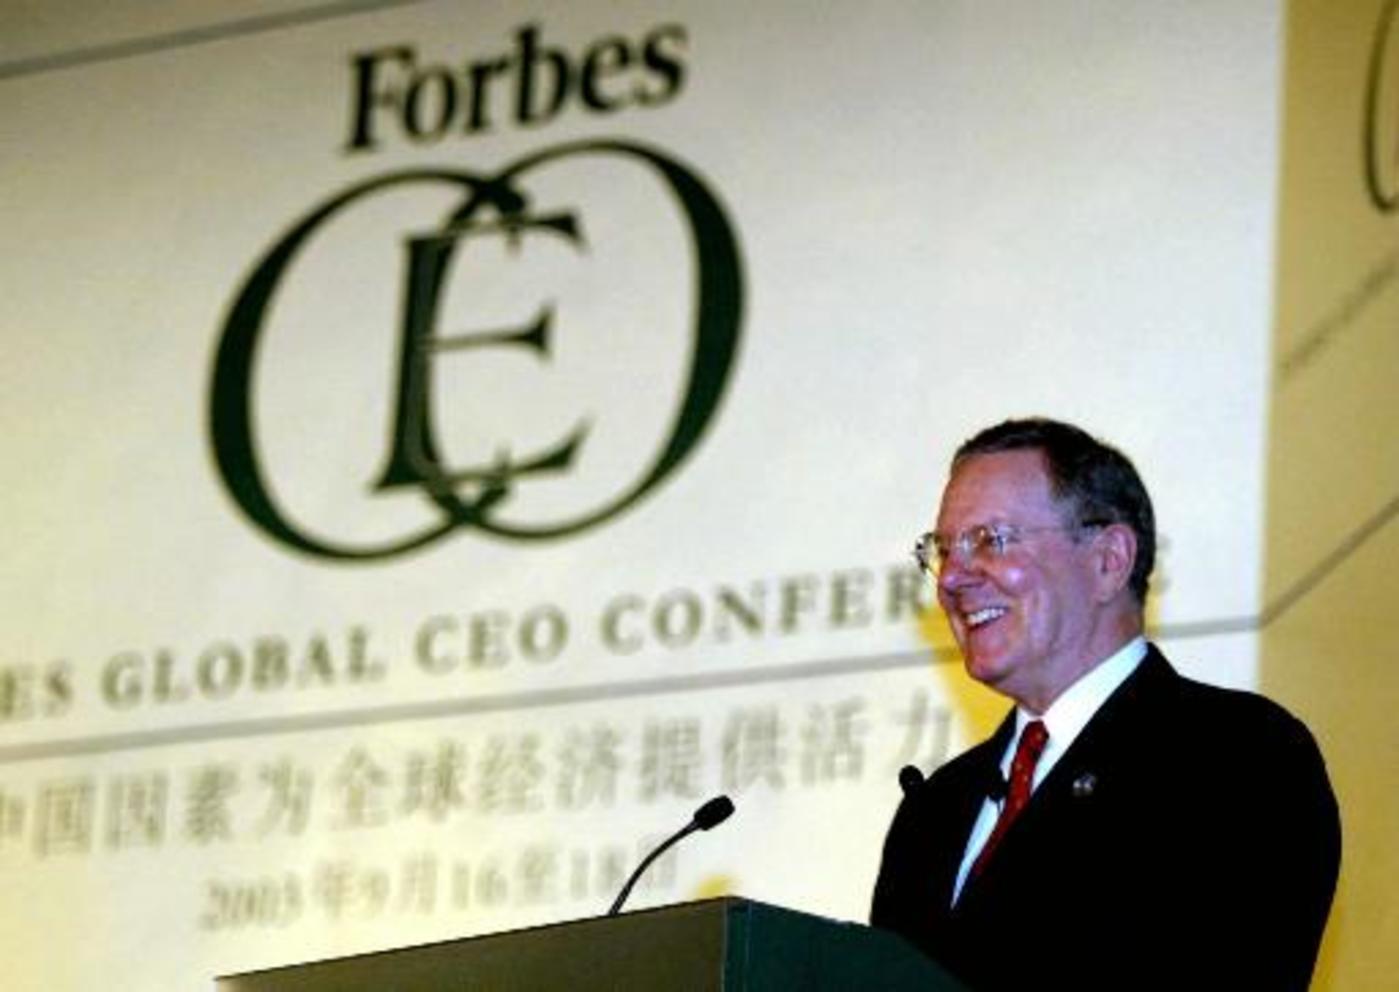 福布斯CEO榜单